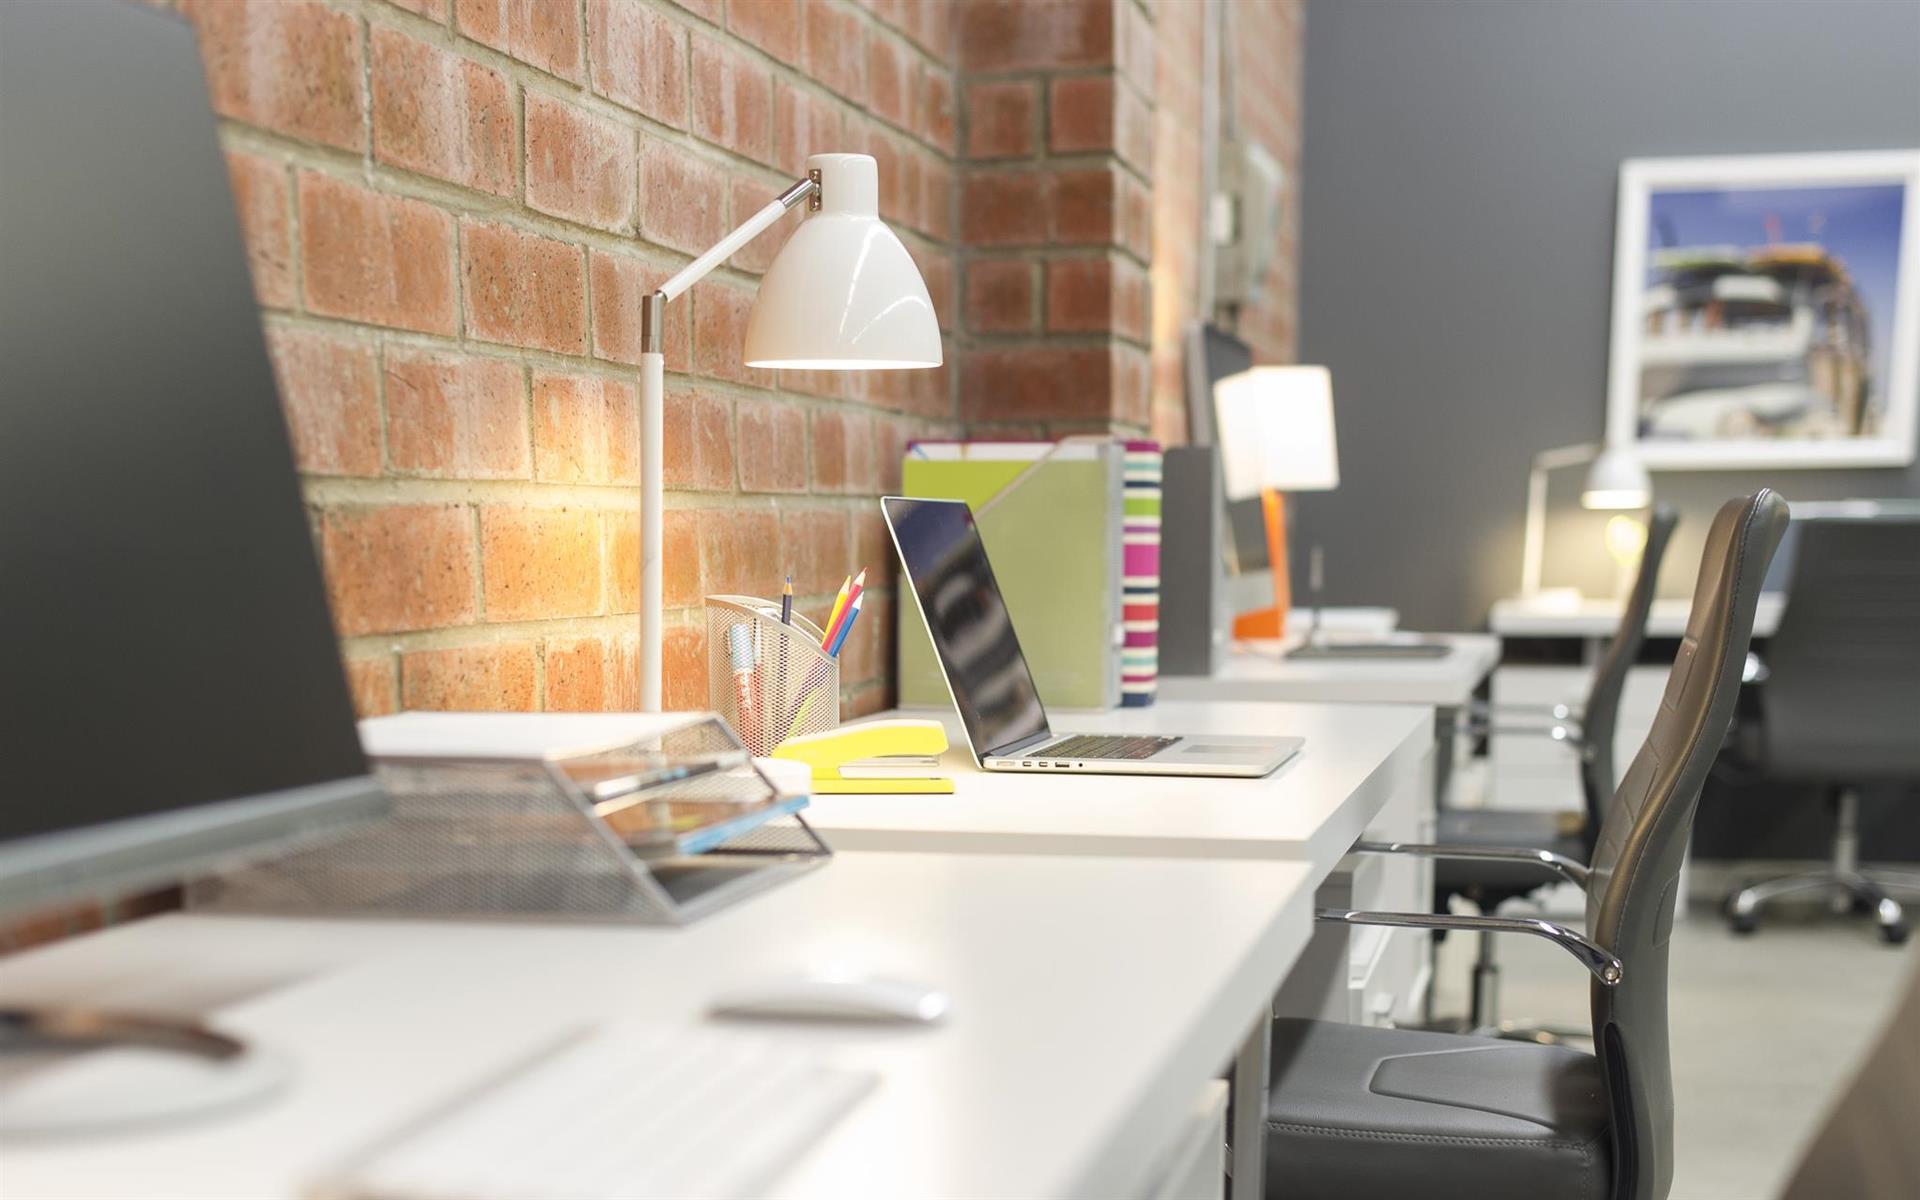 601 Vine Atelier | Studio, Meetings & CoWorking - 50% off Coworking Desk in April!